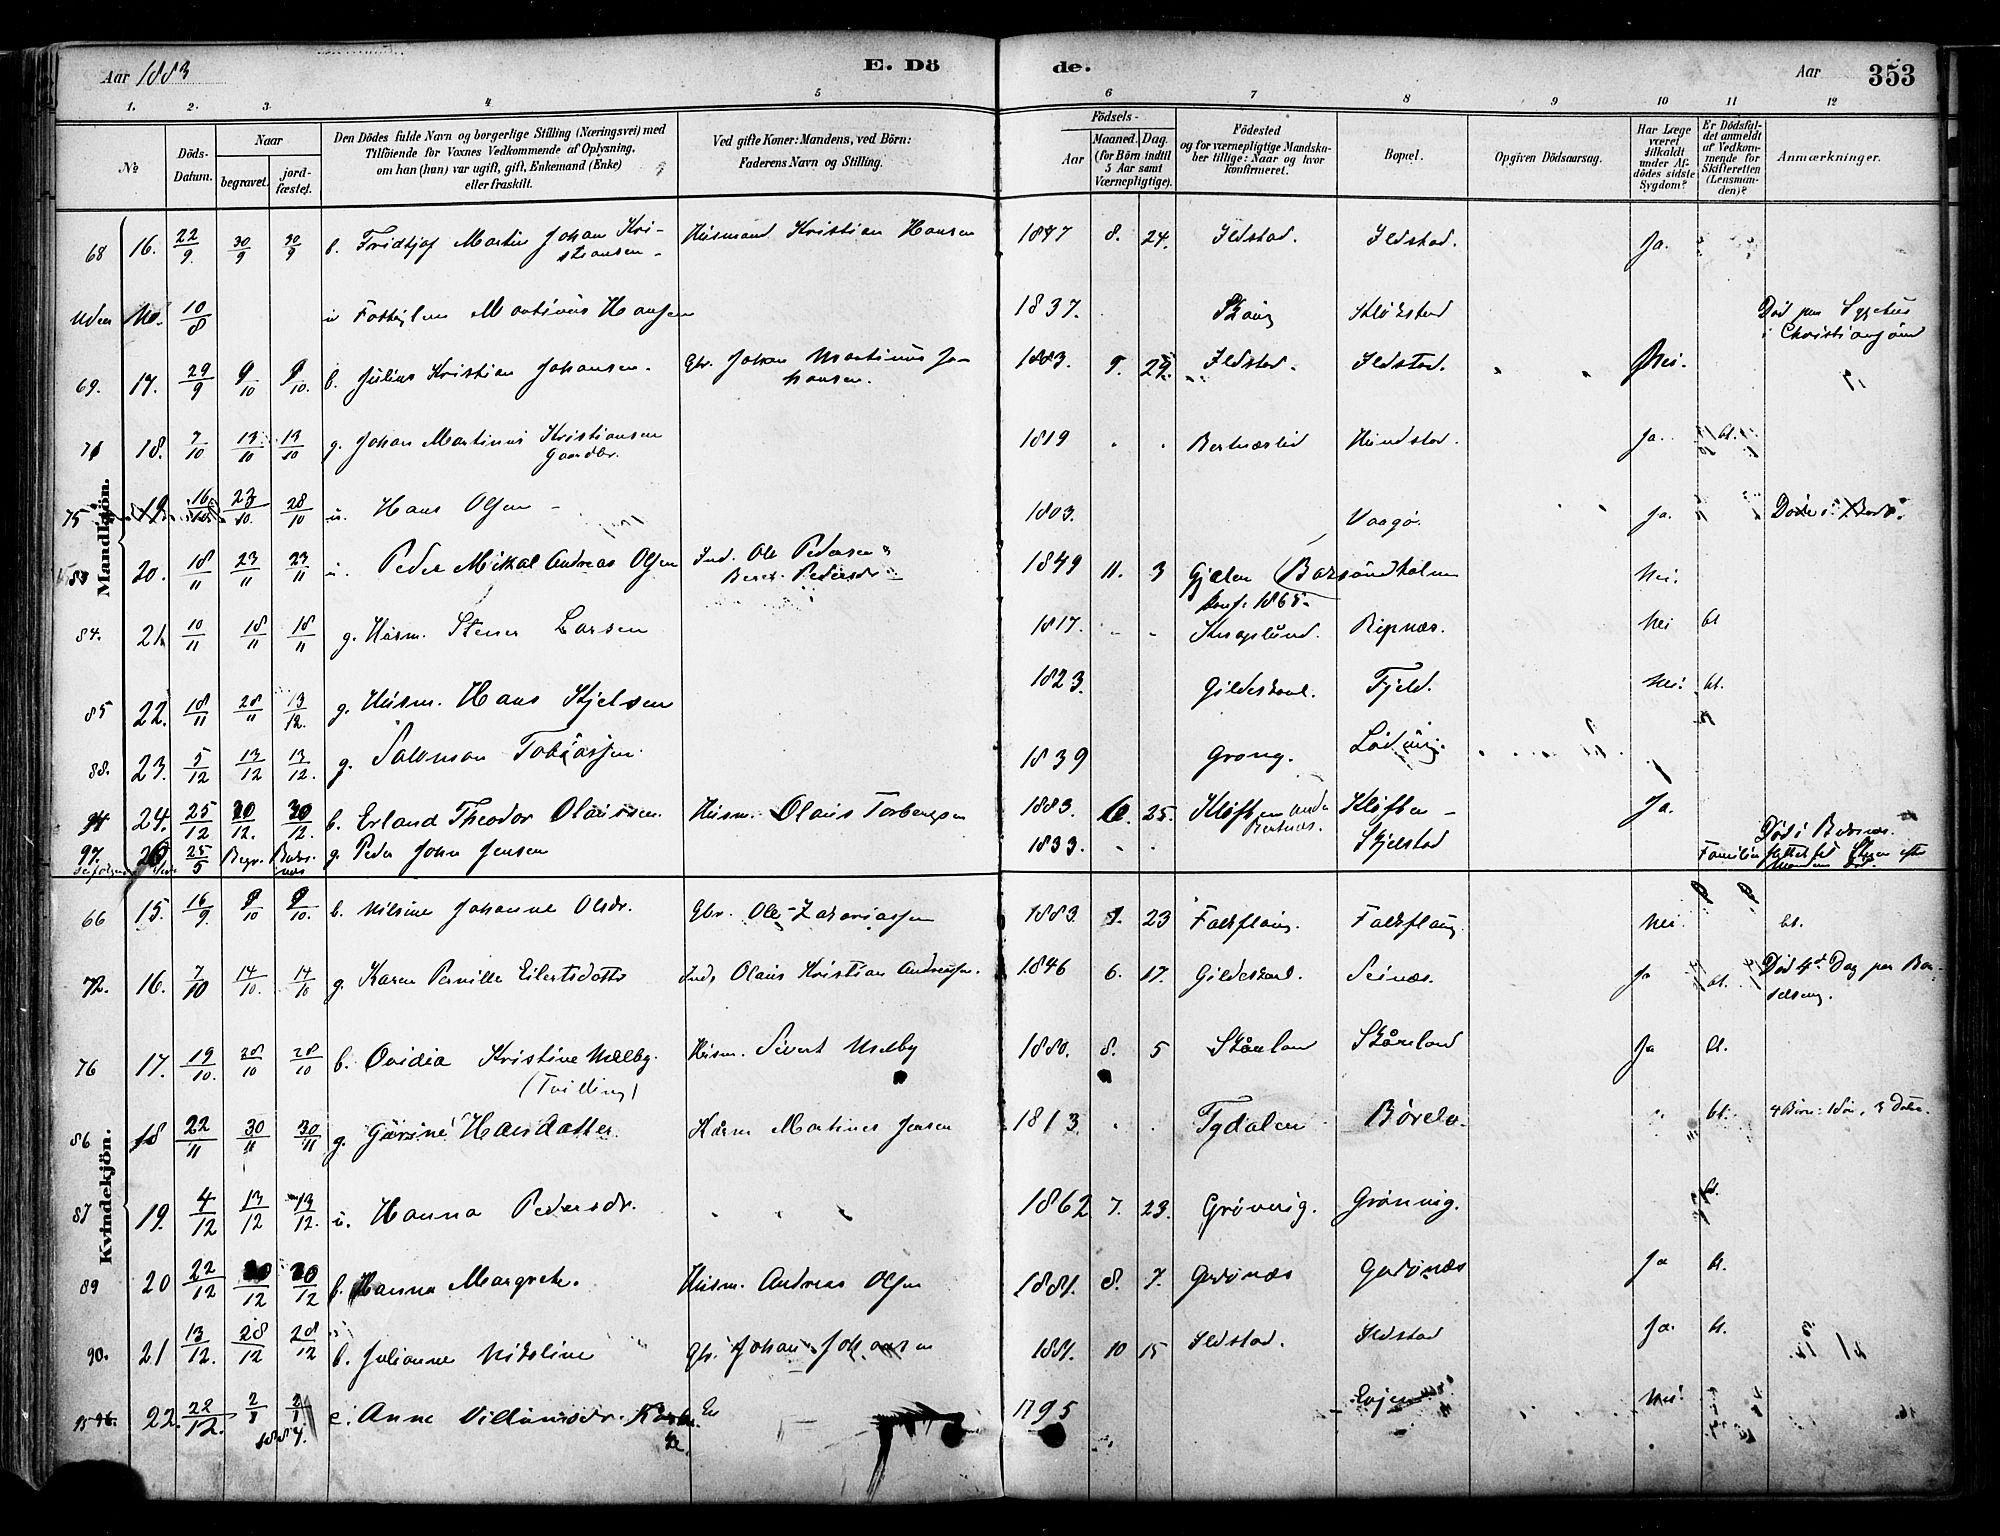 SAT, Ministerialprotokoller, klokkerbøker og fødselsregistre - Nordland, 802/L0054: Parish register (official) no. 802A01, 1879-1893, p. 353